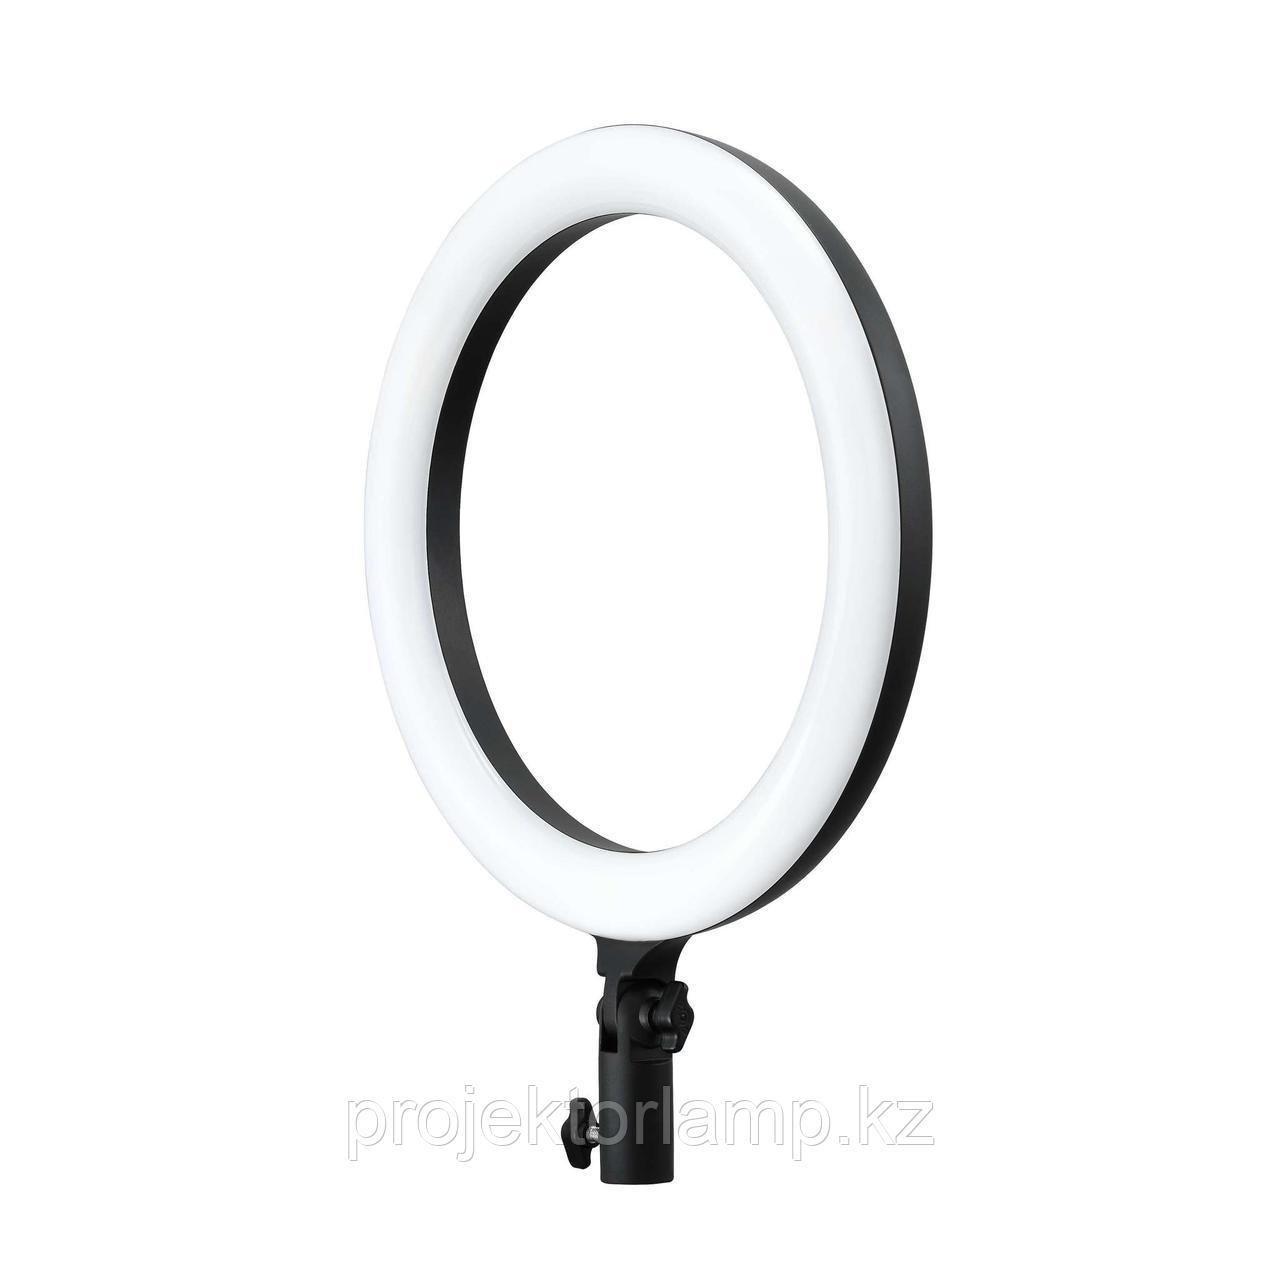 Осветитель кольцевой Godox LED  LR120